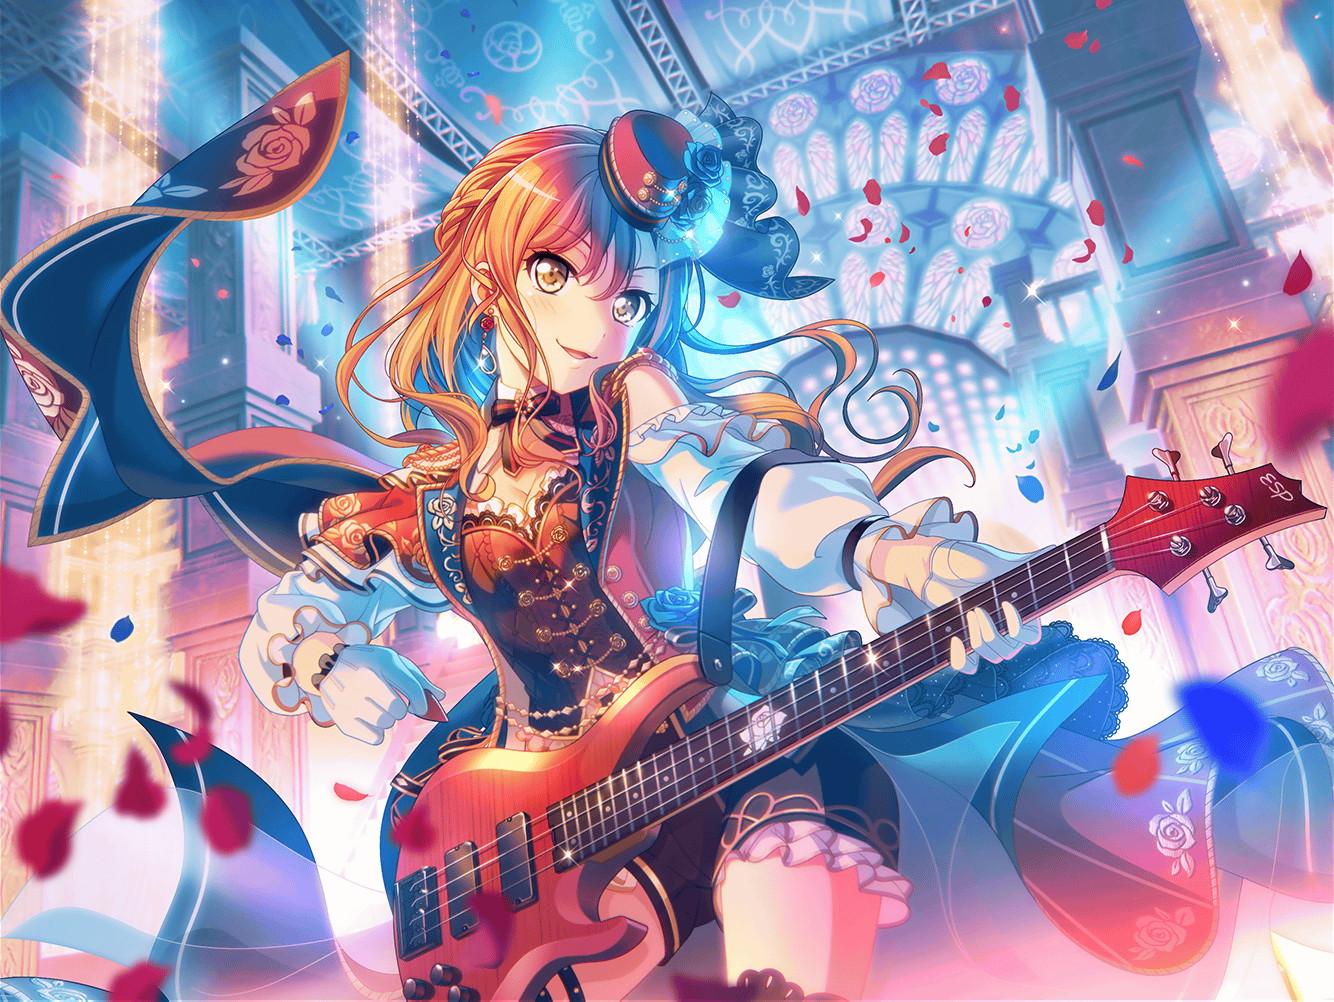 Laruの趣味ブログ ガールズバンドパーティー難易度29追加